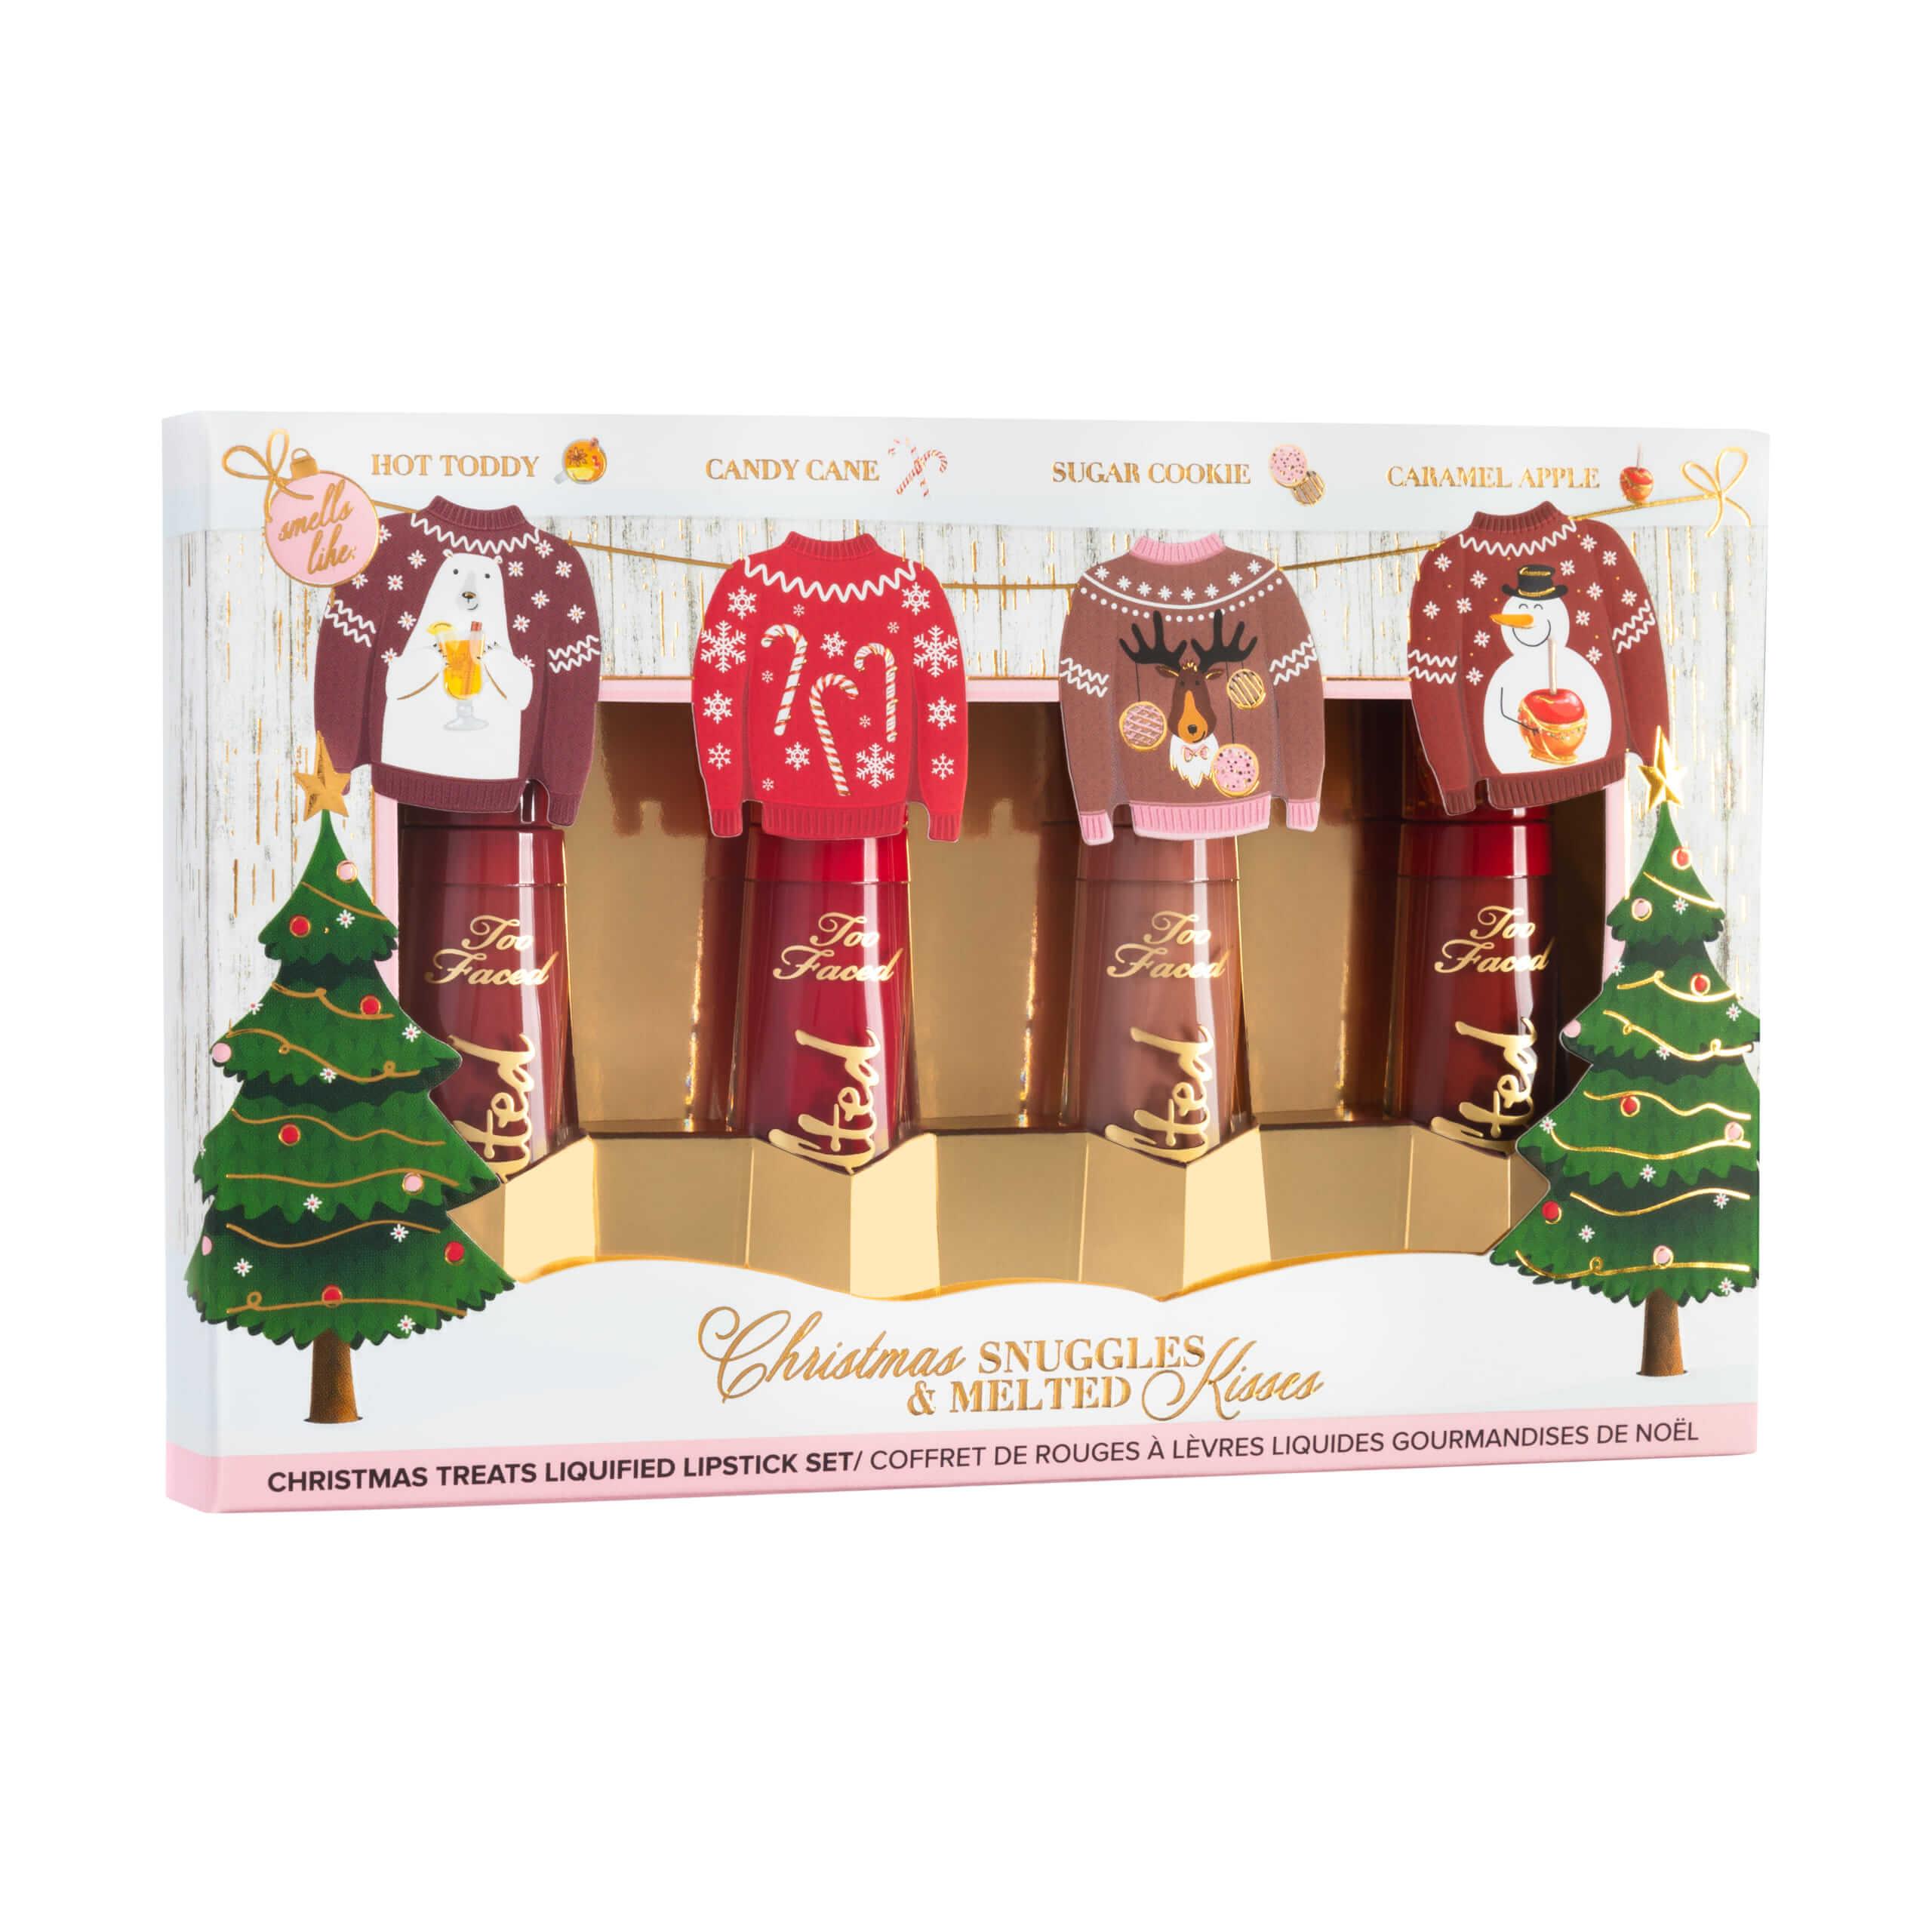 クリスマス メルテッド キス リキッド リップスティック セット/¥3,800(税抜き)